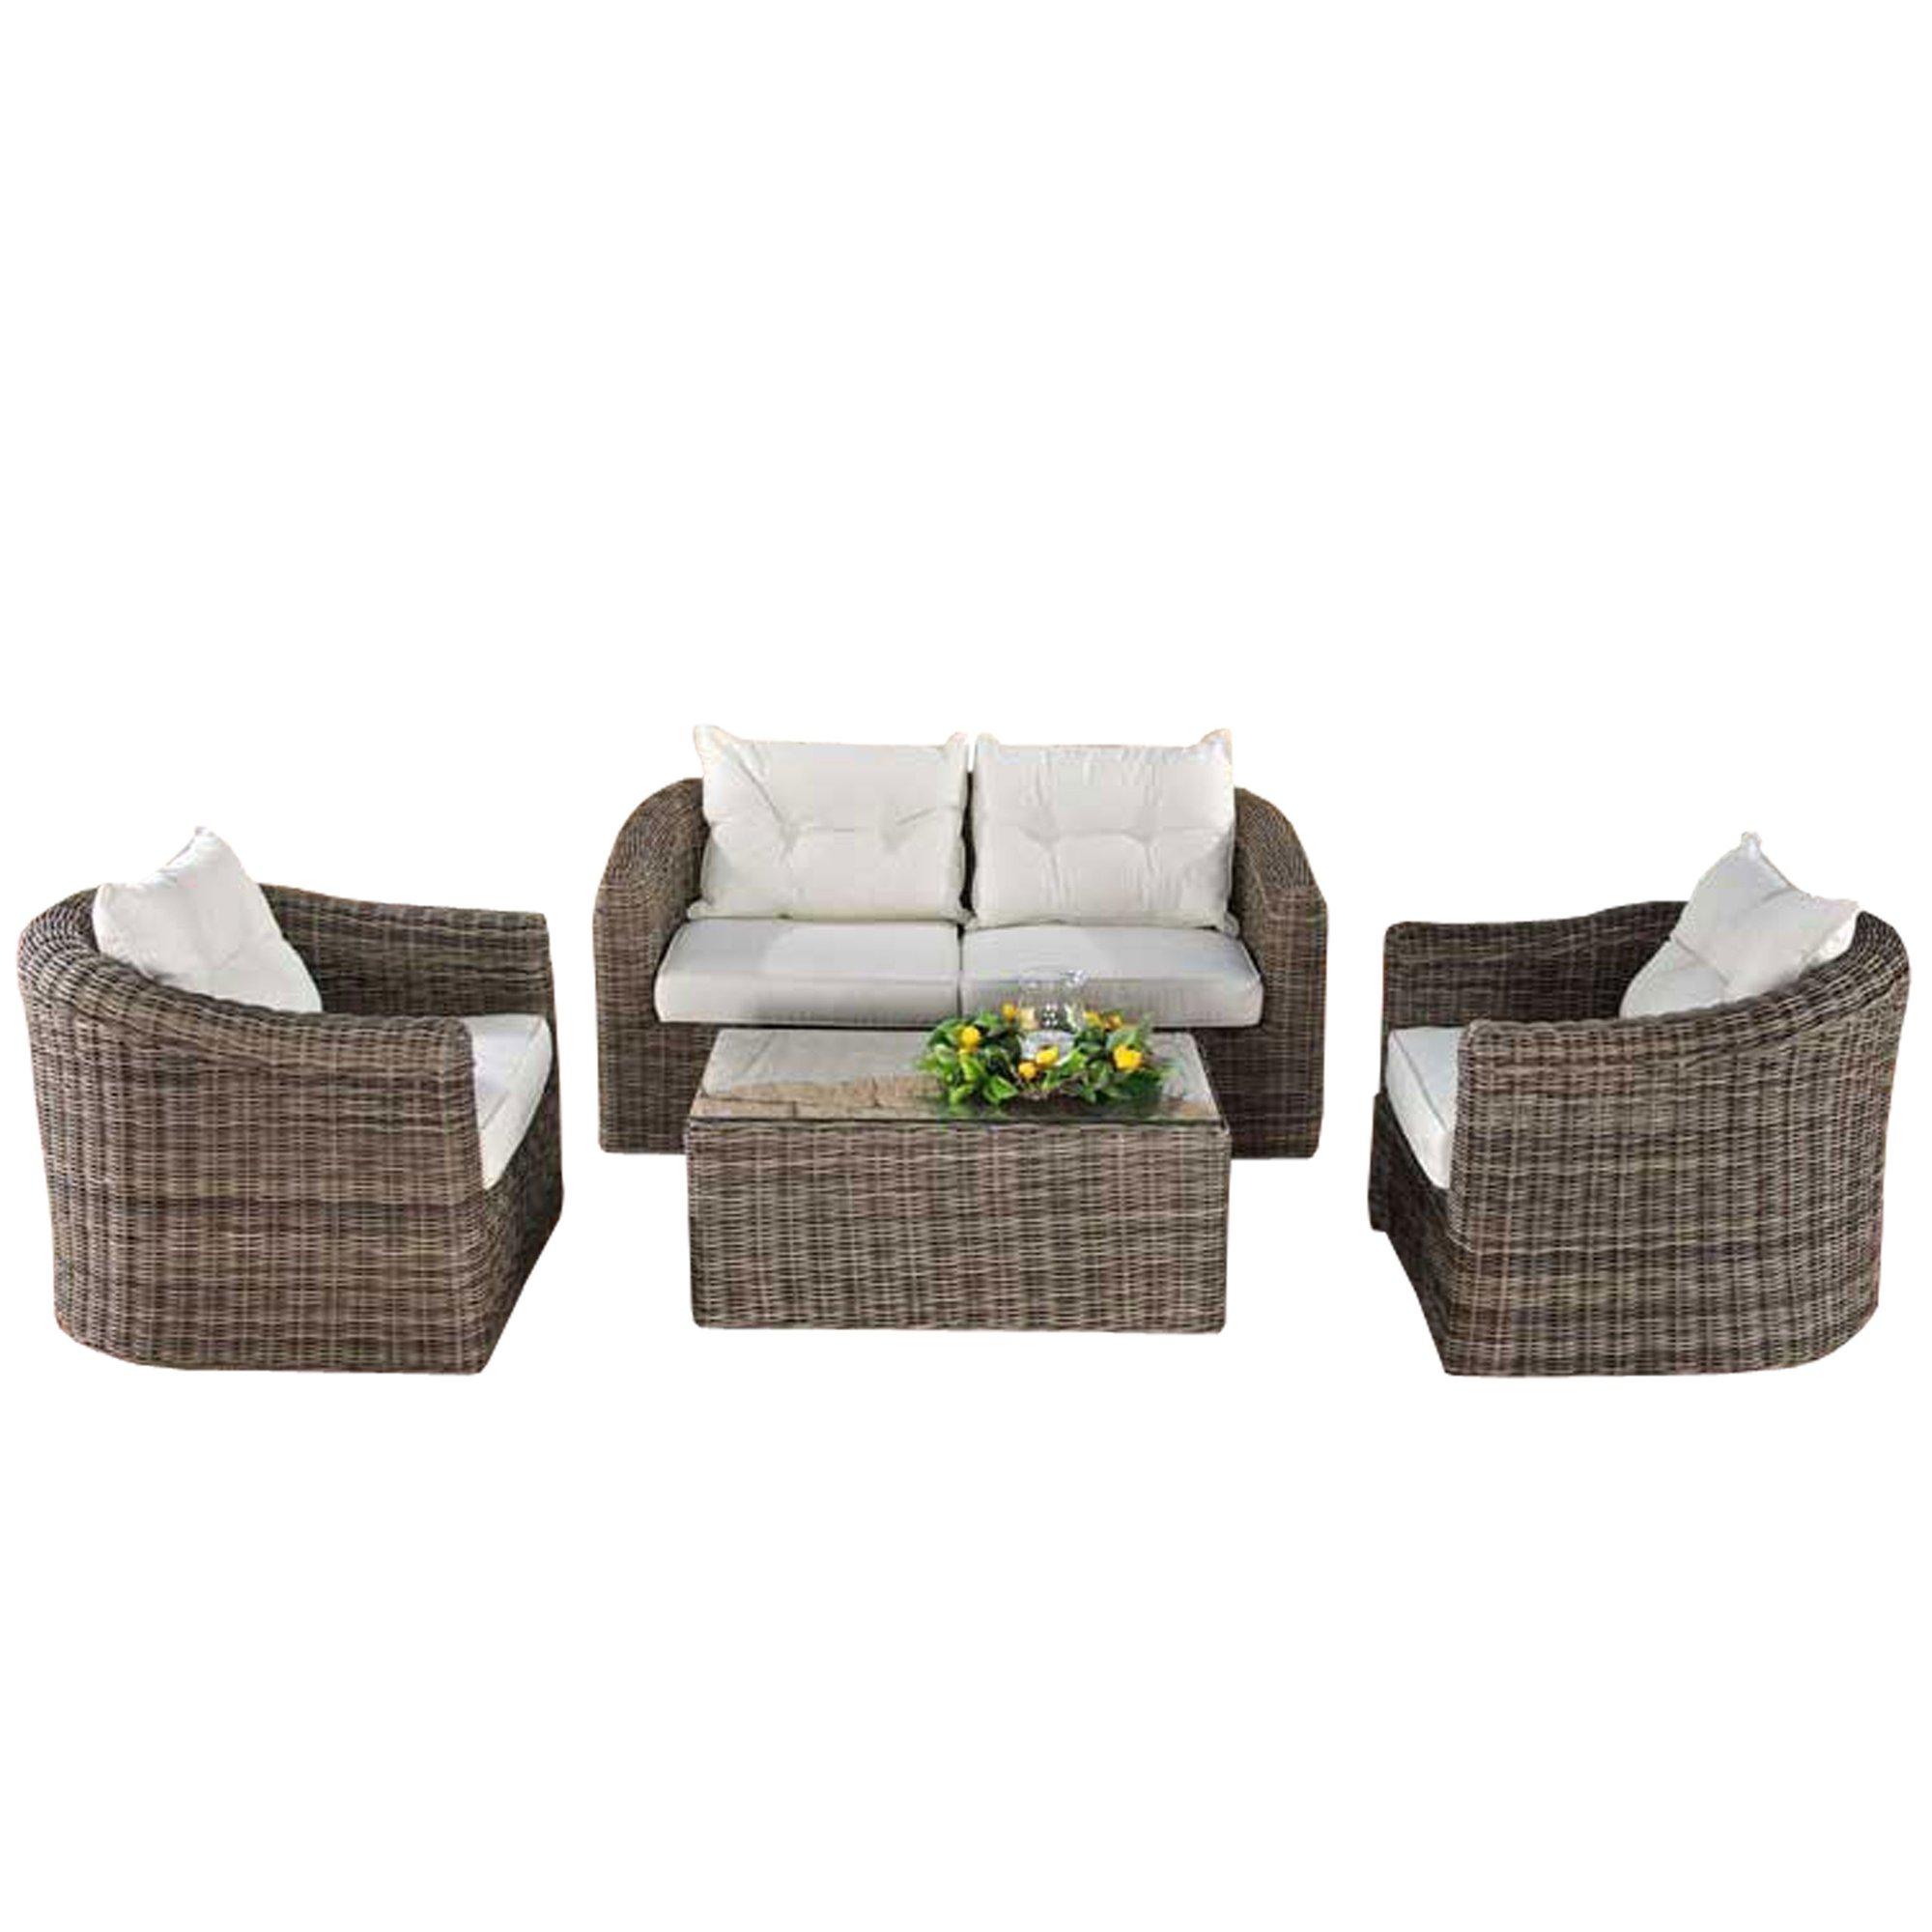 Conjunto muebles de jard n mandal conjunto muebles de for Conjuntos de jardin